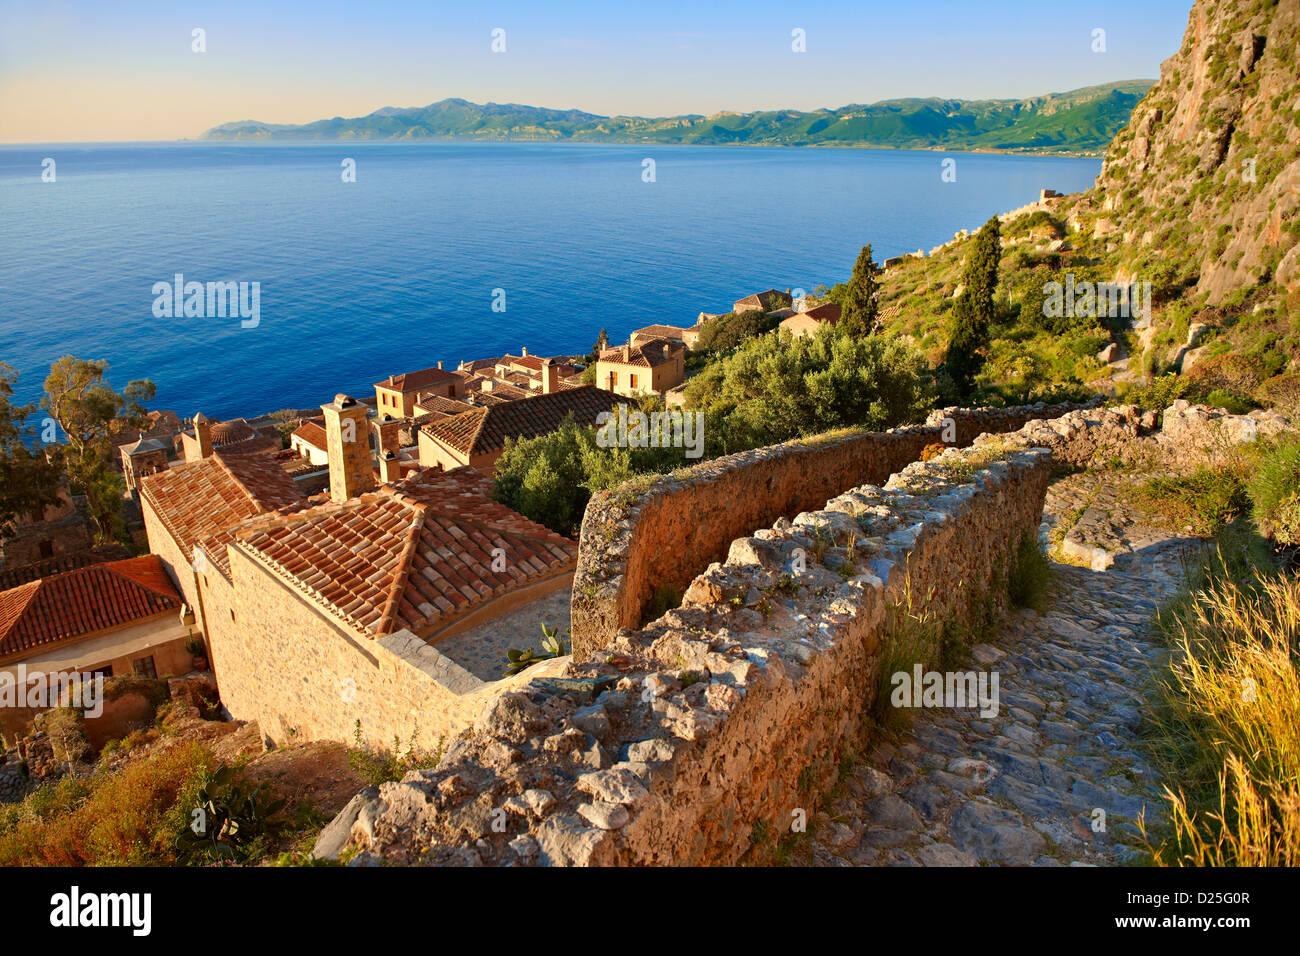 Vue aérienne de l'Île Byzantine de Monemvasia ville-château avec acropole sur le plateau. Péloponnèse, Photo Stock